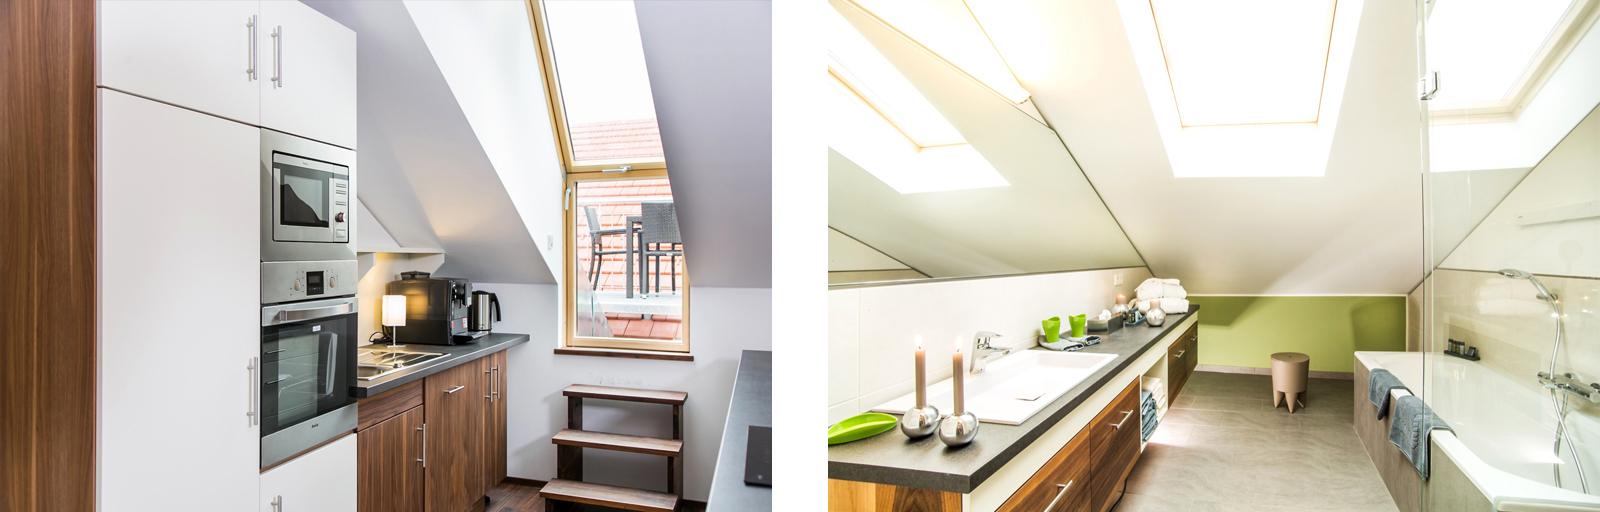 Akzente setzen: Mit Terrassenausgängen und Spiegelwänden öffnet sich der Raum.